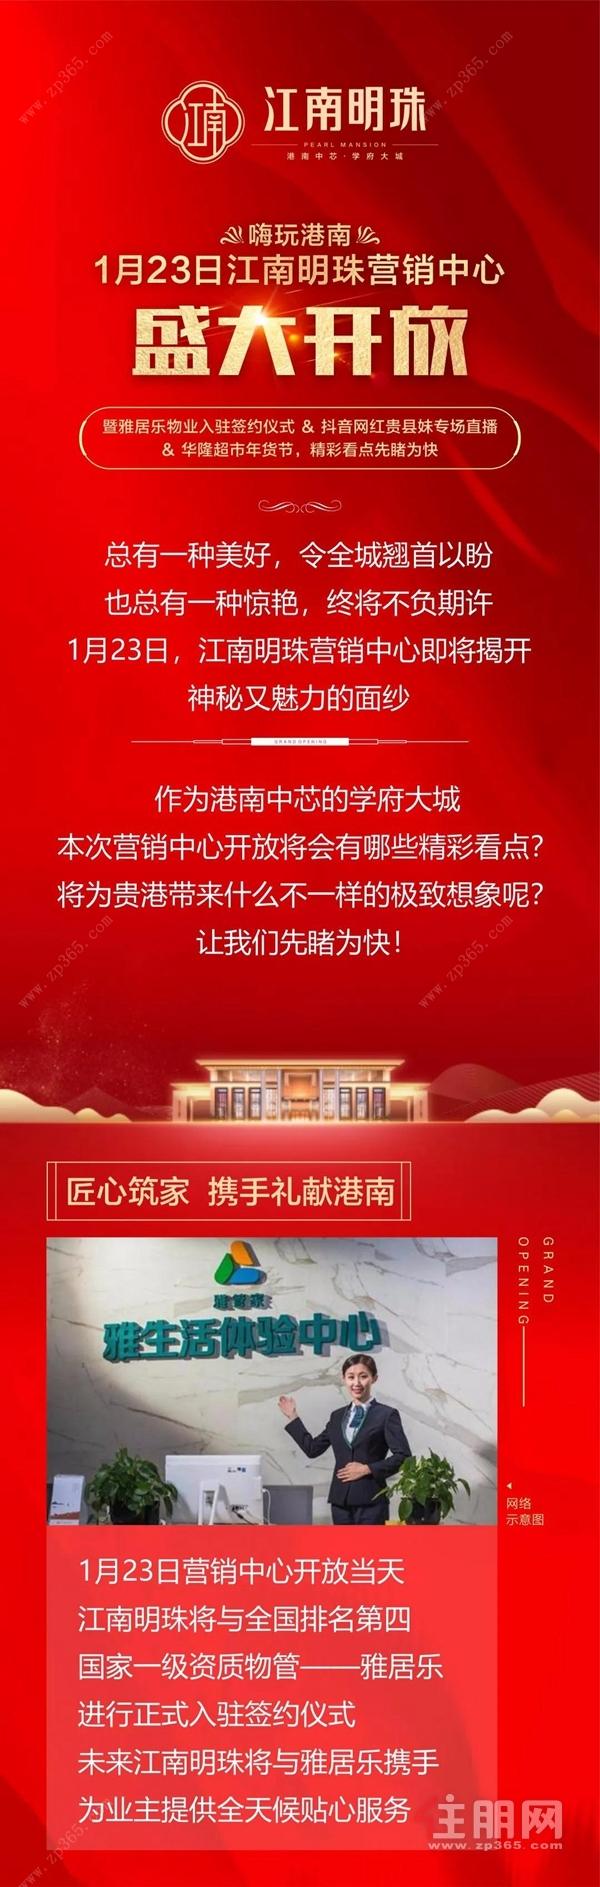 江南明珠宣传海报图